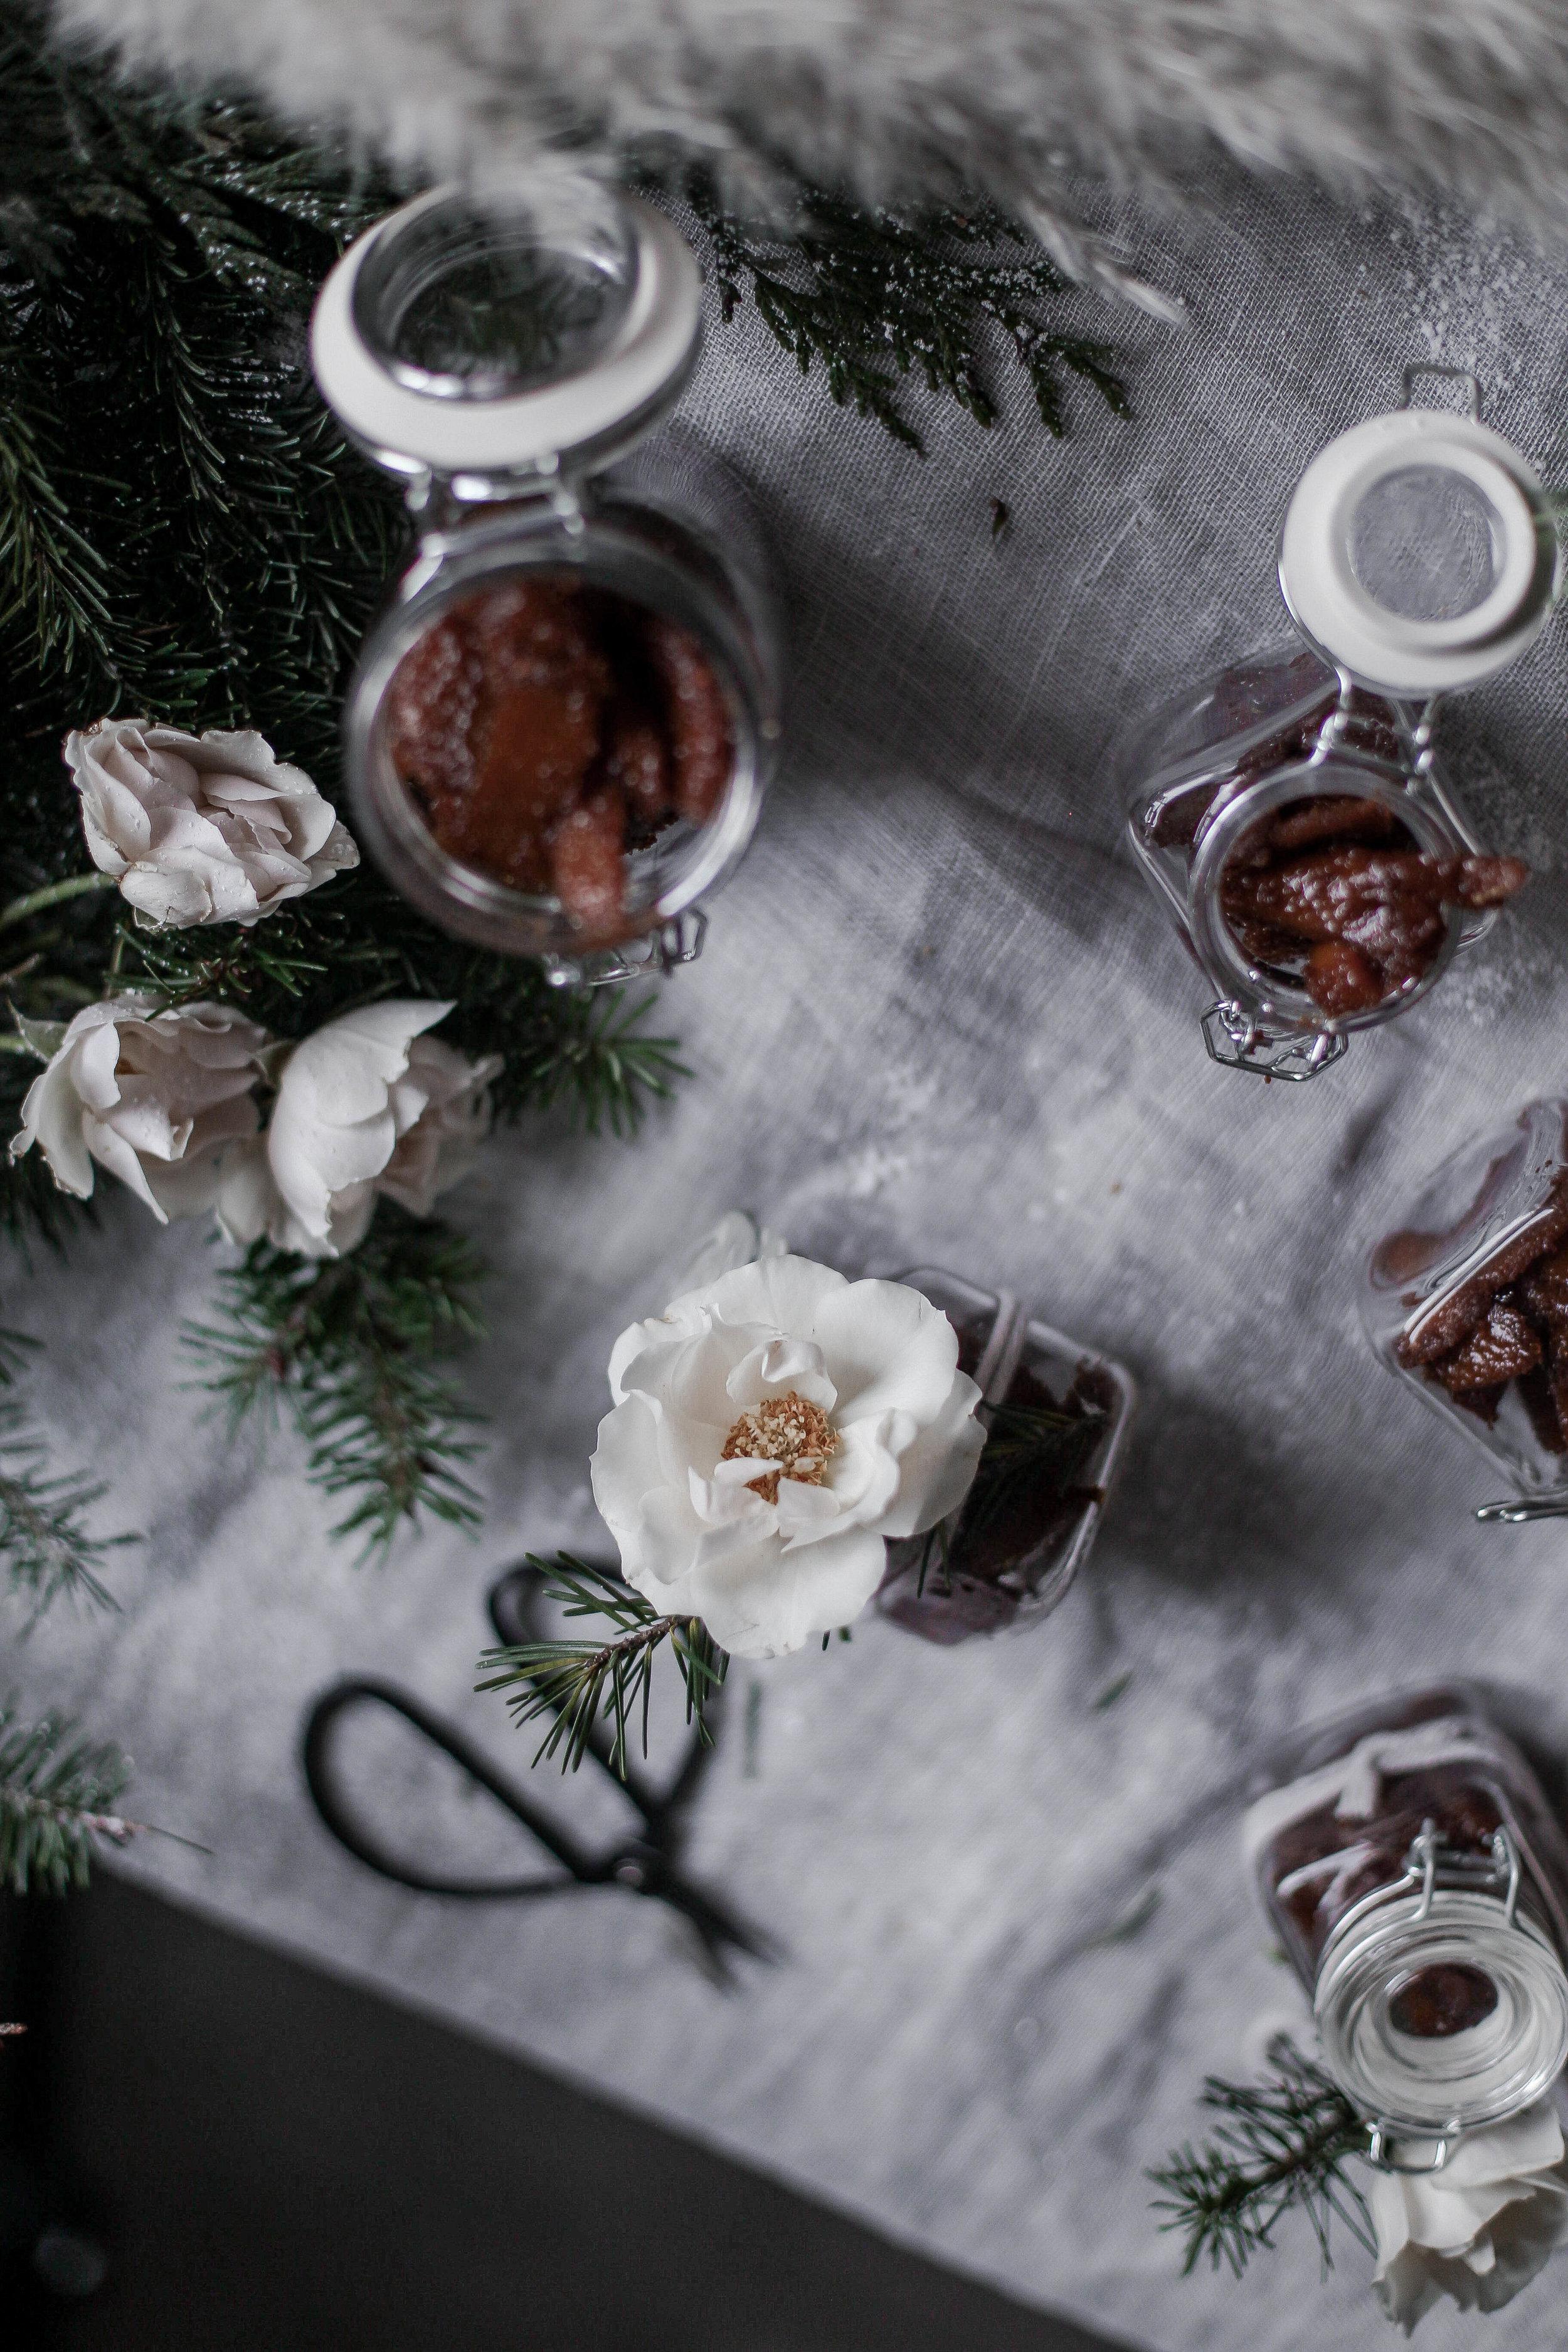 homemade christmas gift ideas crystallized ginger (53 of 1).jpg